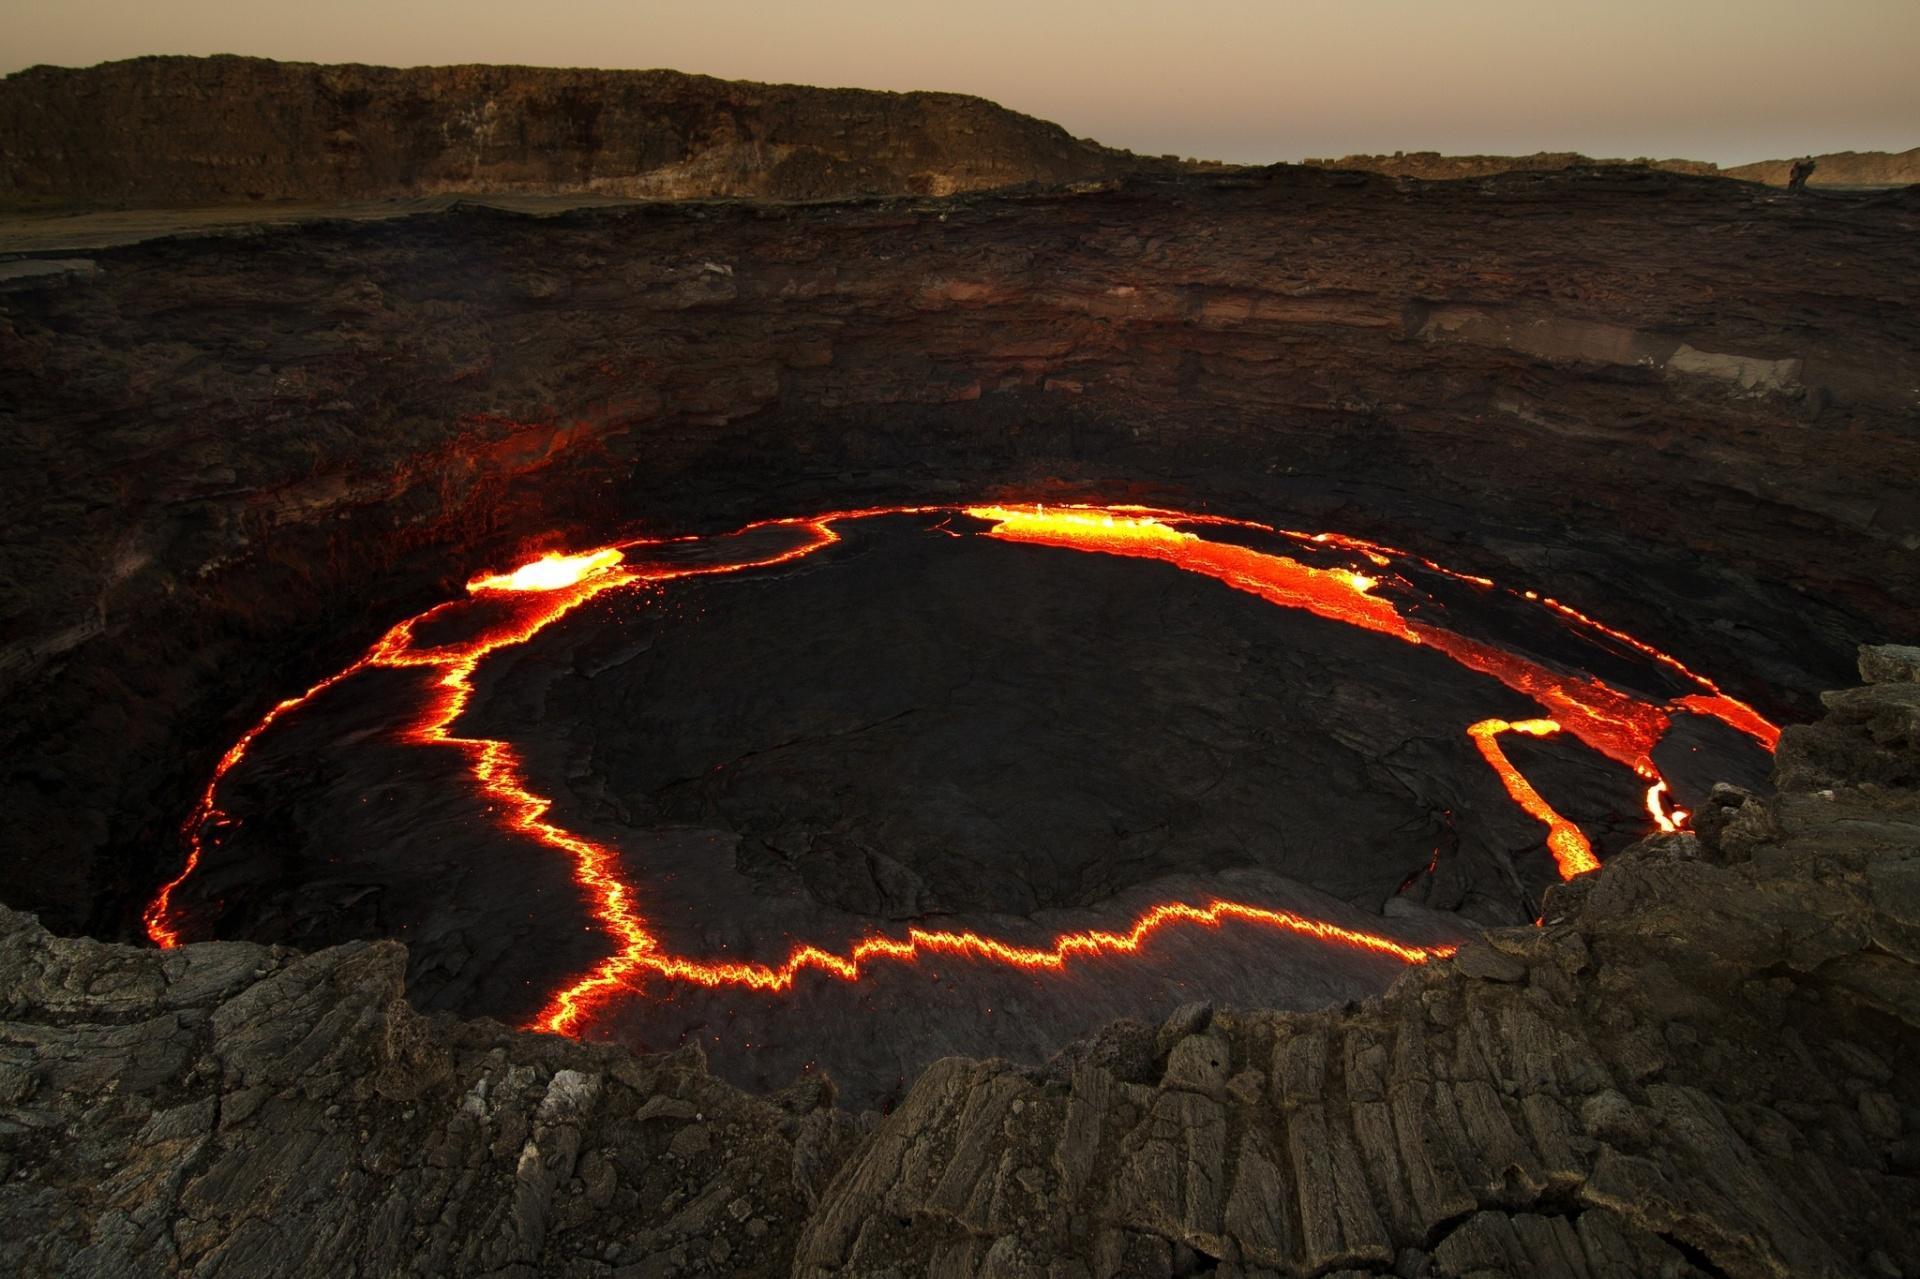 5.jul.2017 - Vulcão Erta Ale, na Etiópia